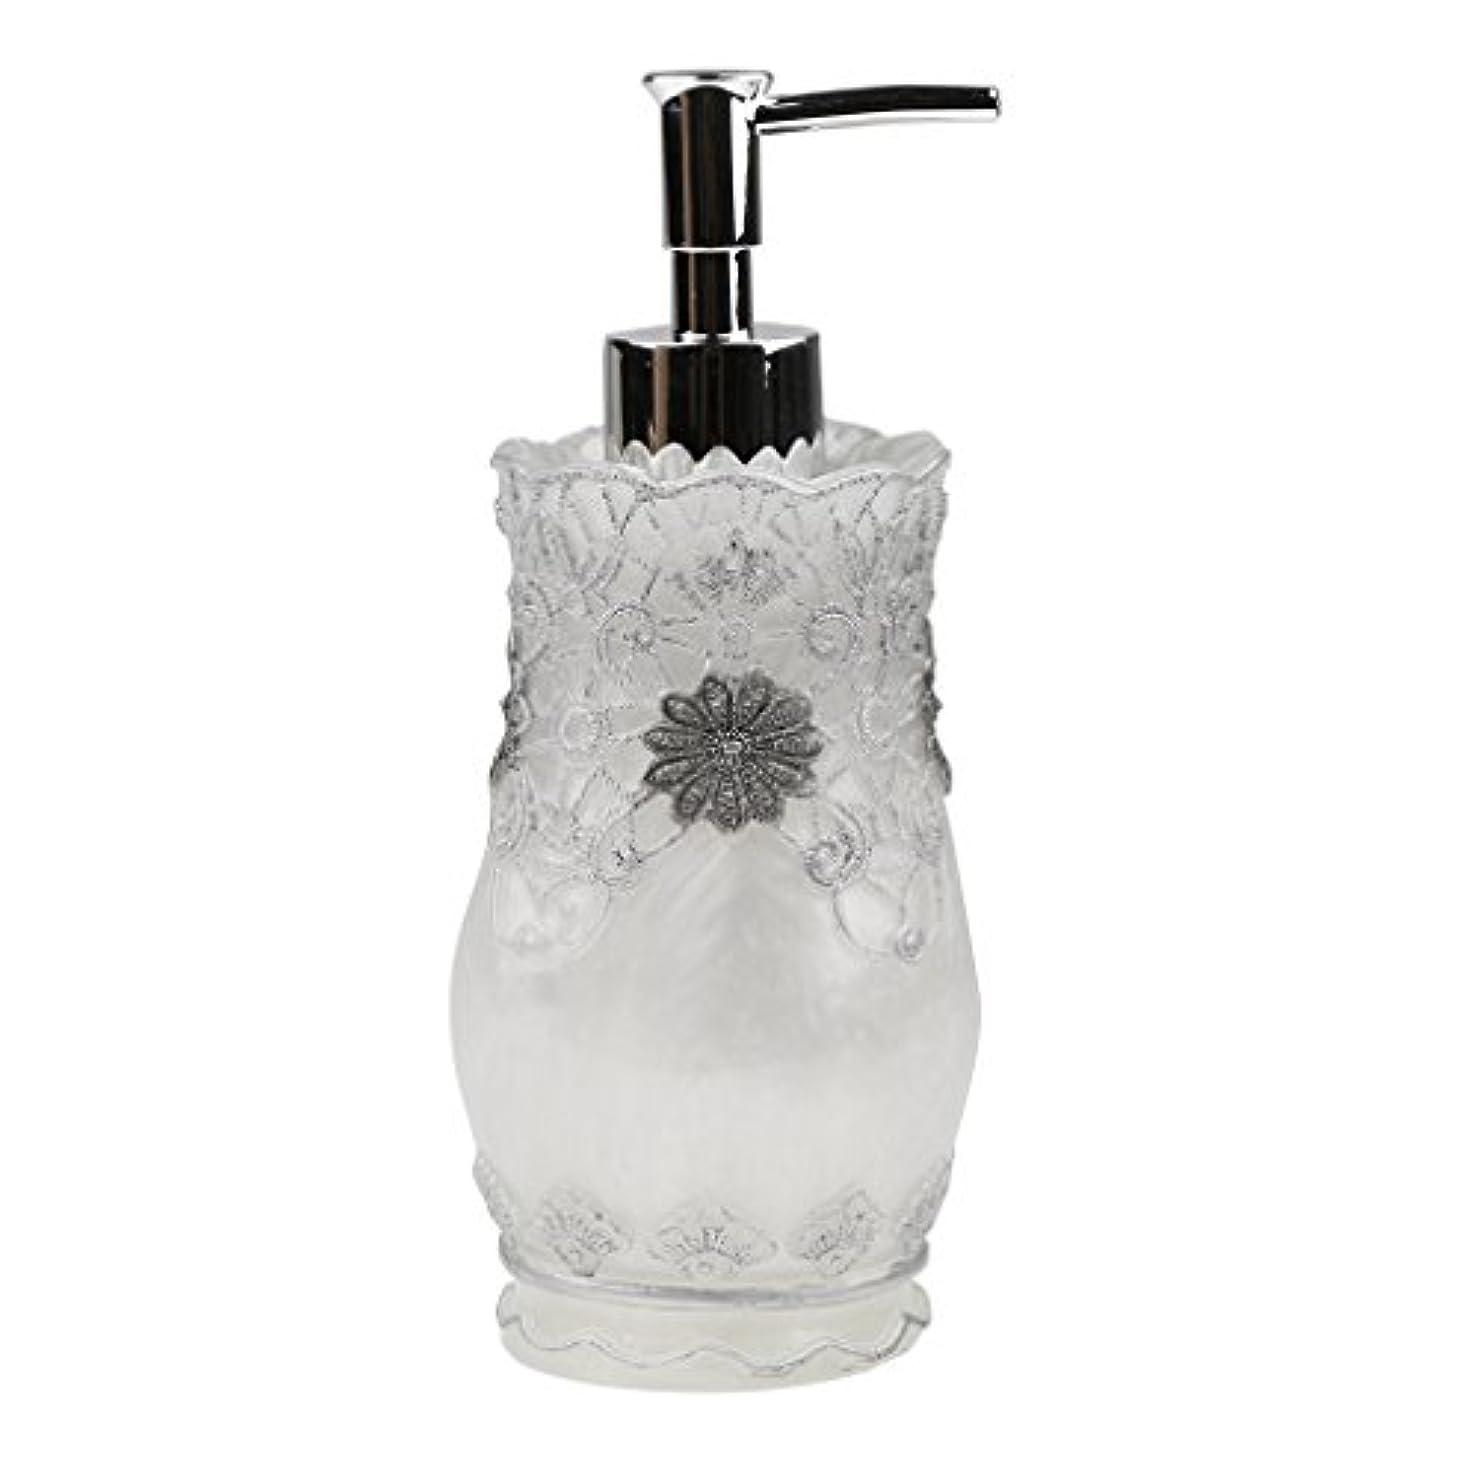 限りフラッシュのように素早く勧めるHomyl 液体ソープ シャンプー用 空 シャンプー ボトル  詰め替えボトル 美しい エレガント デザイン  全4種類 - #2